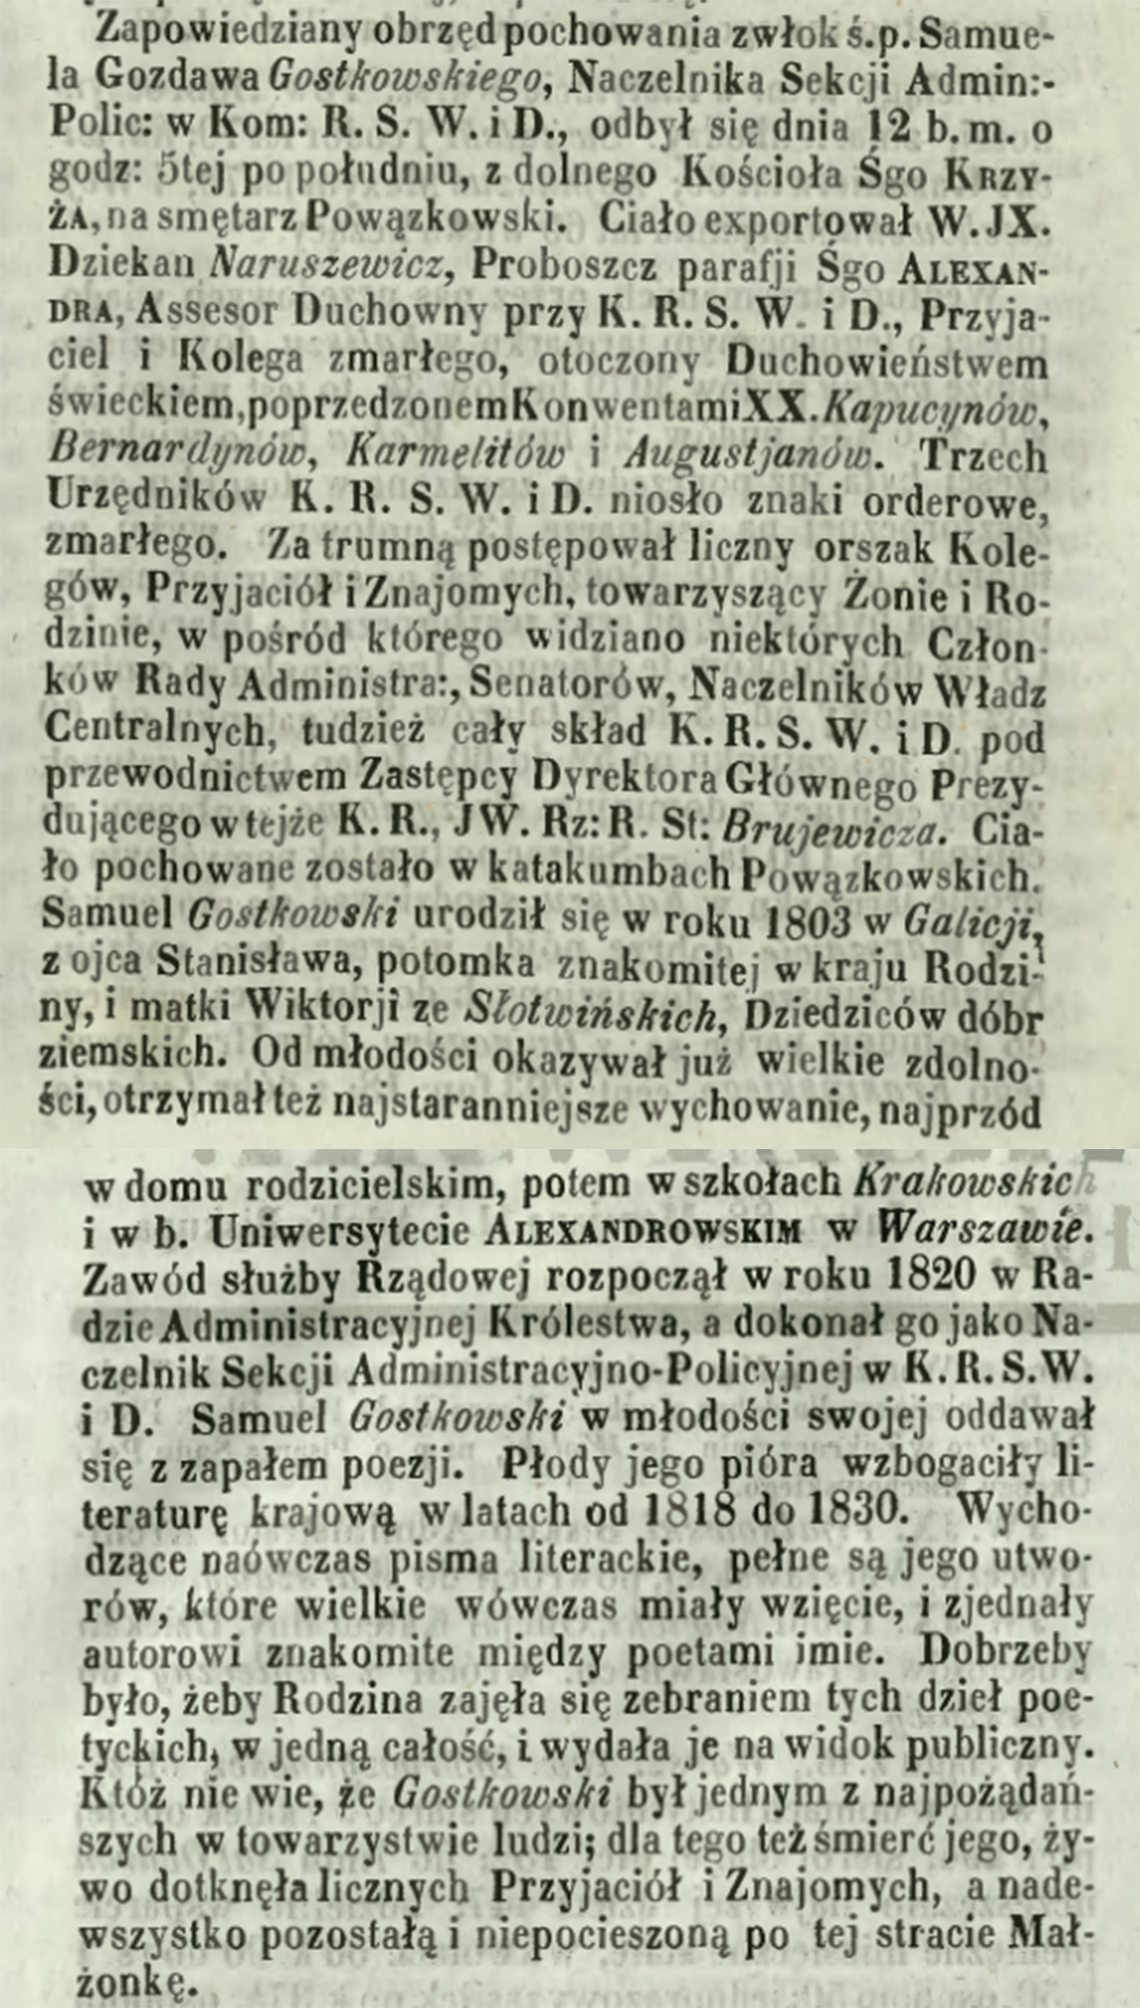 Nekrolog po śmierci i pogrzebie Samuela Gostkowskiego 12.06.1850 r.